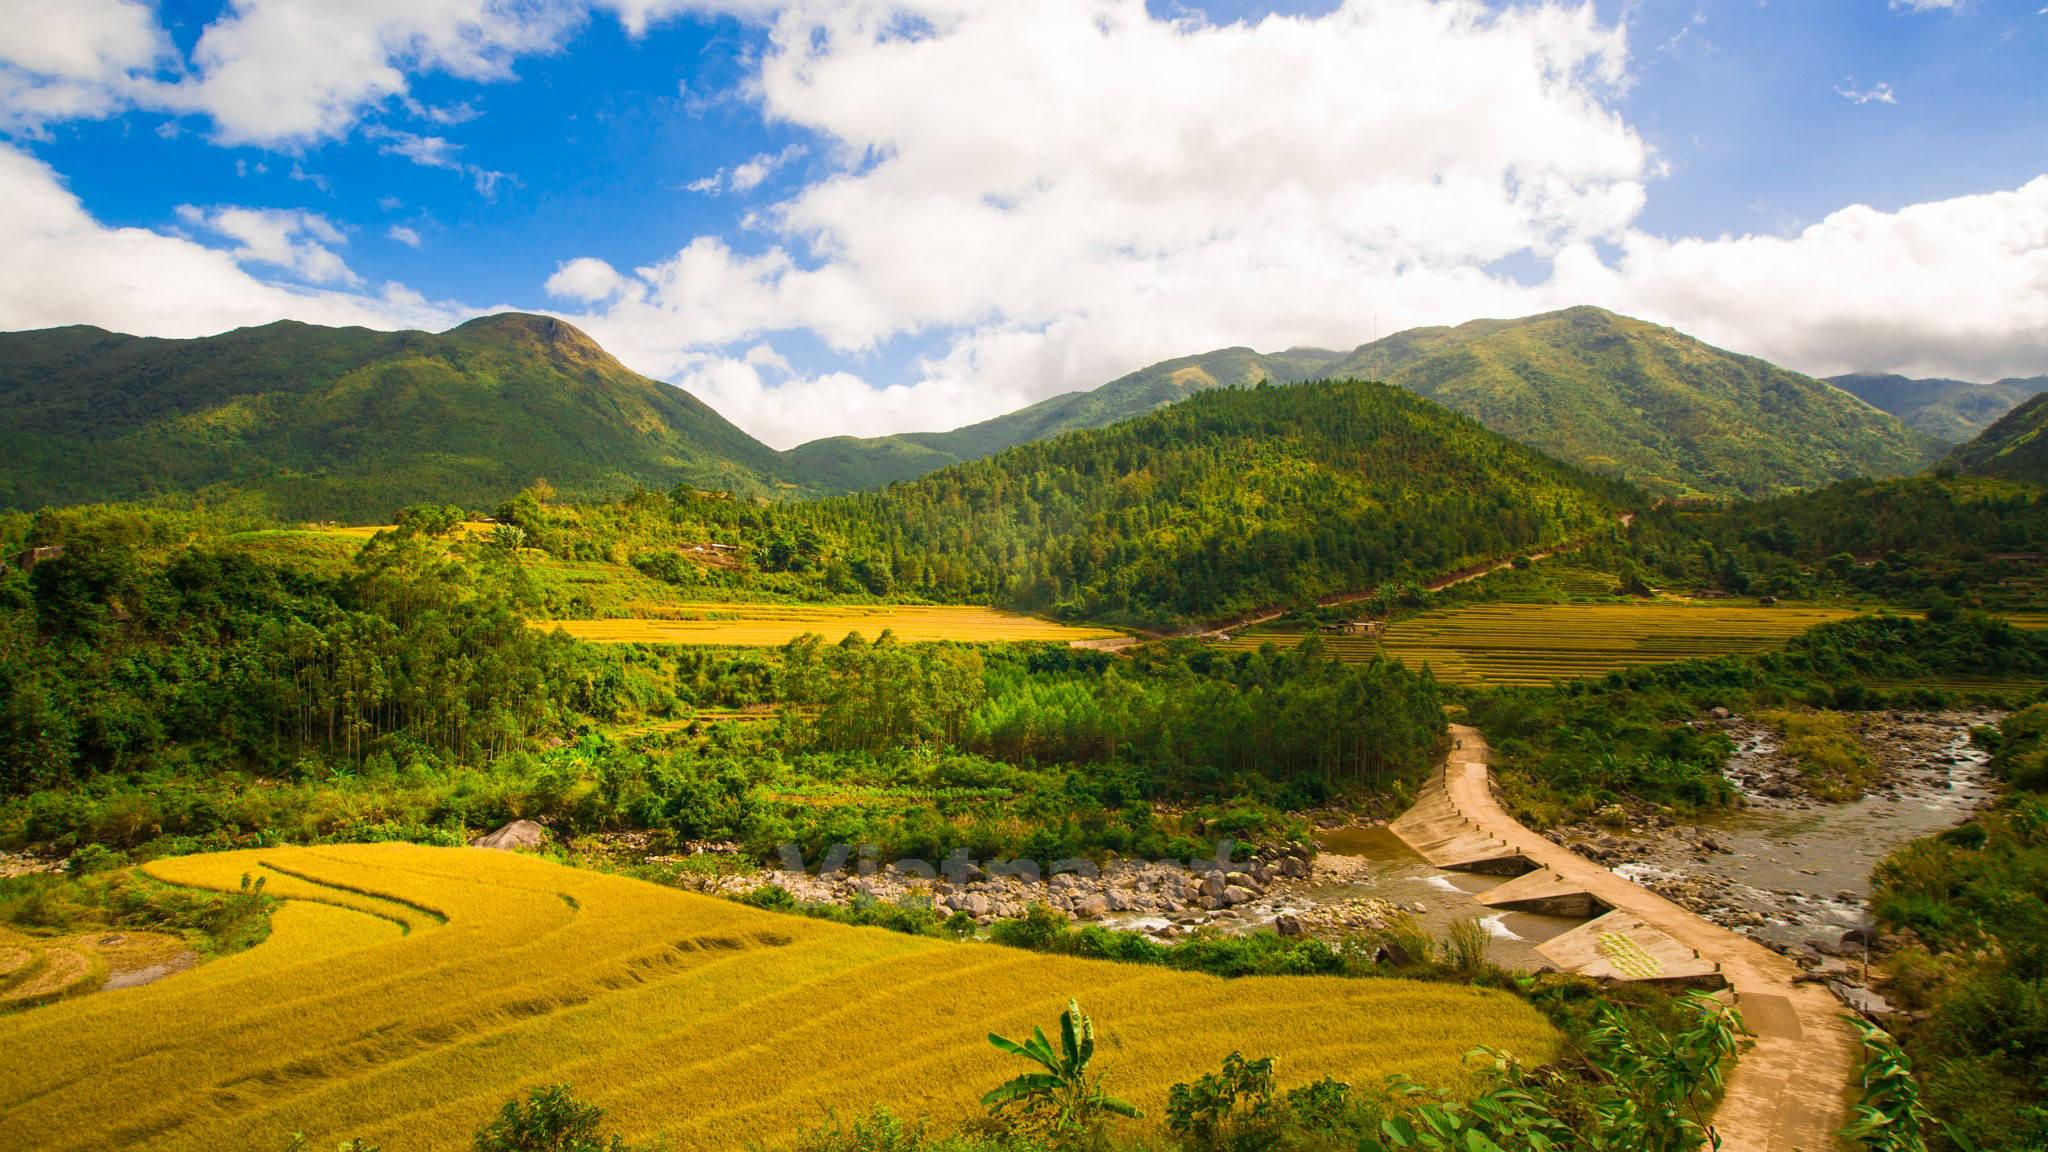 Cánh đồng lúa chín đẹp nhất Việt Nam